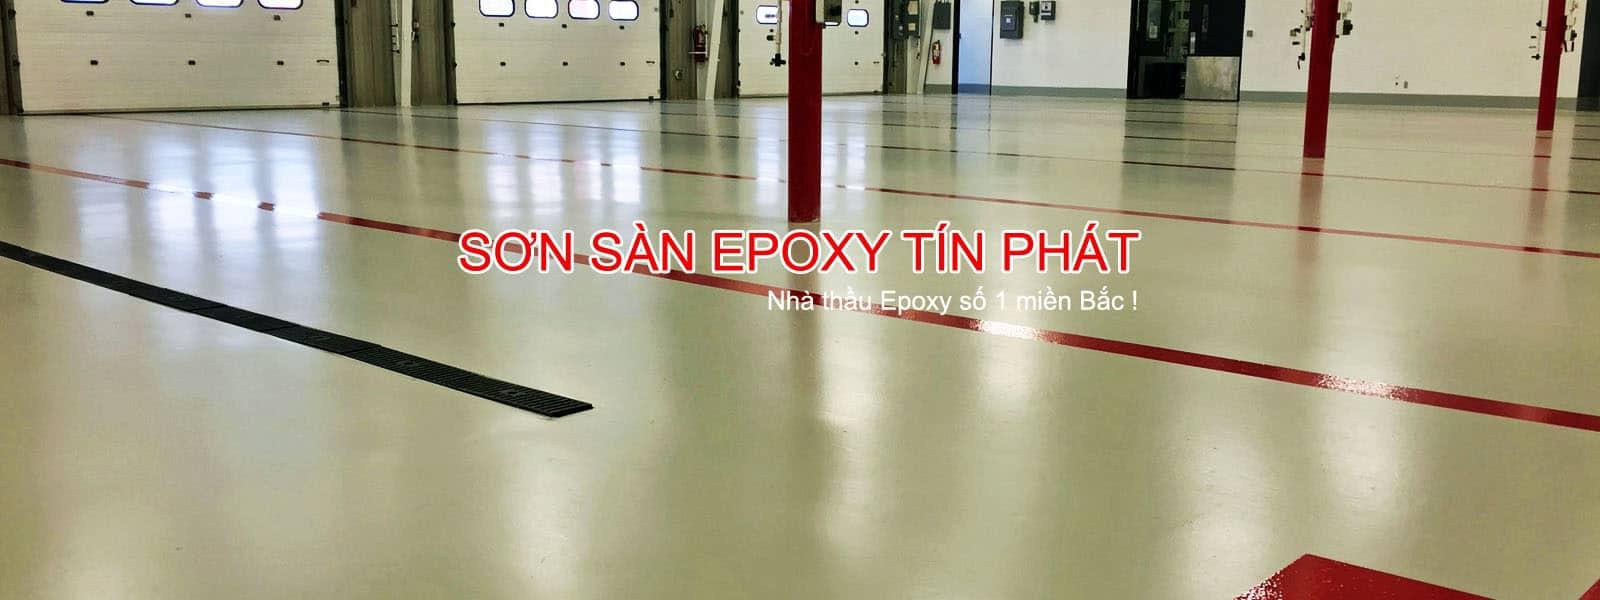 Sơn-sàn-epoxy